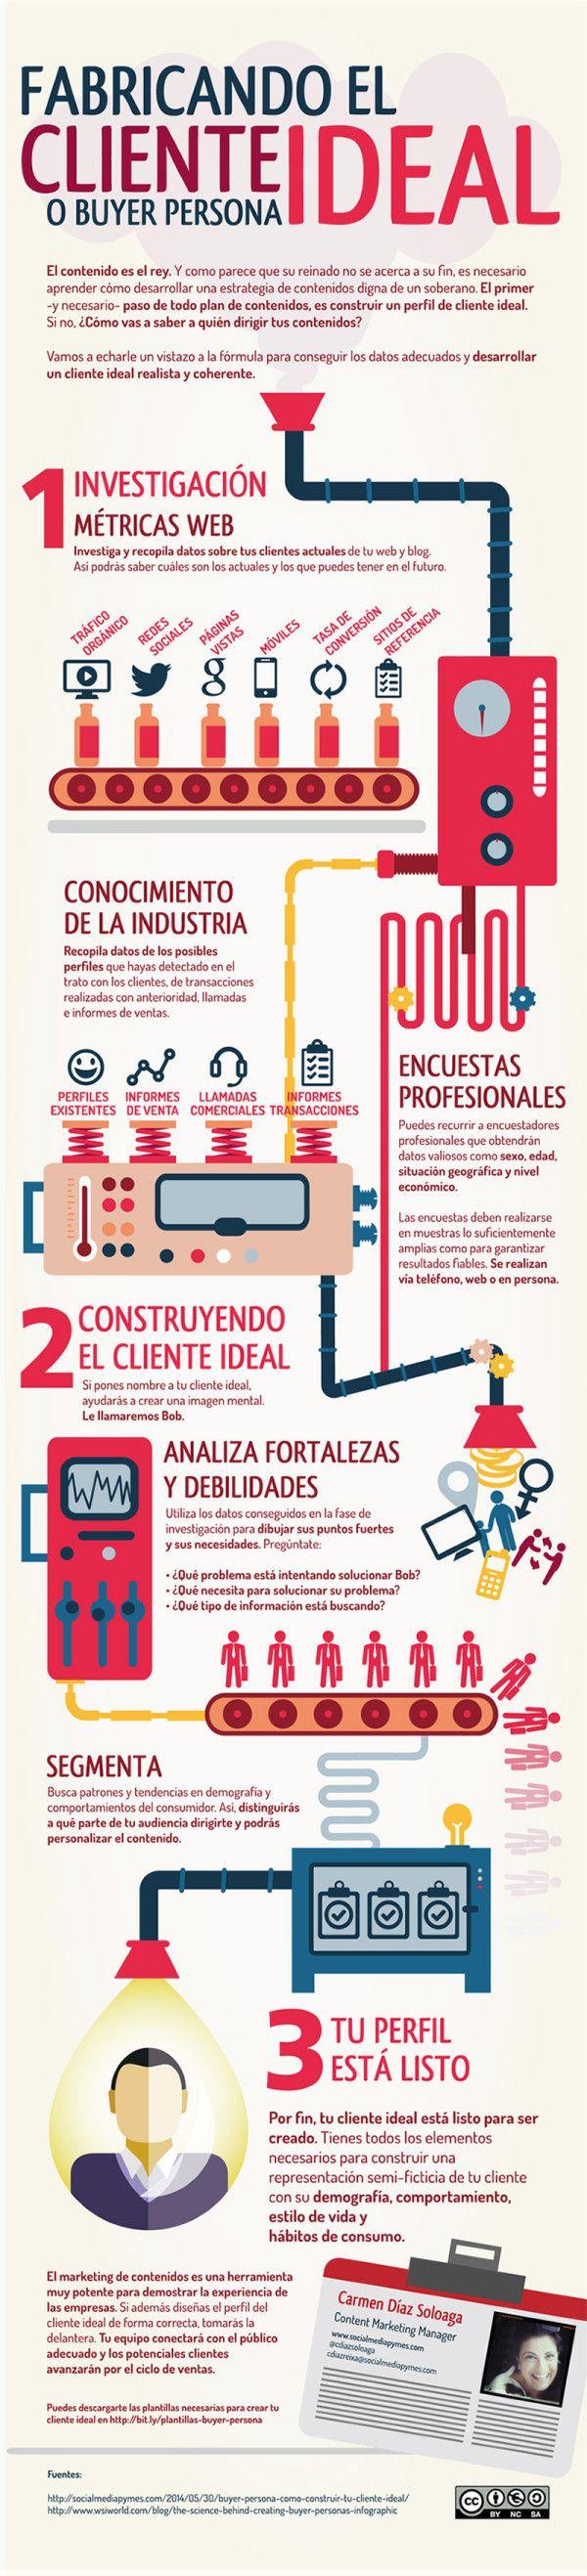 Construyendo el cliente ideal #infografia